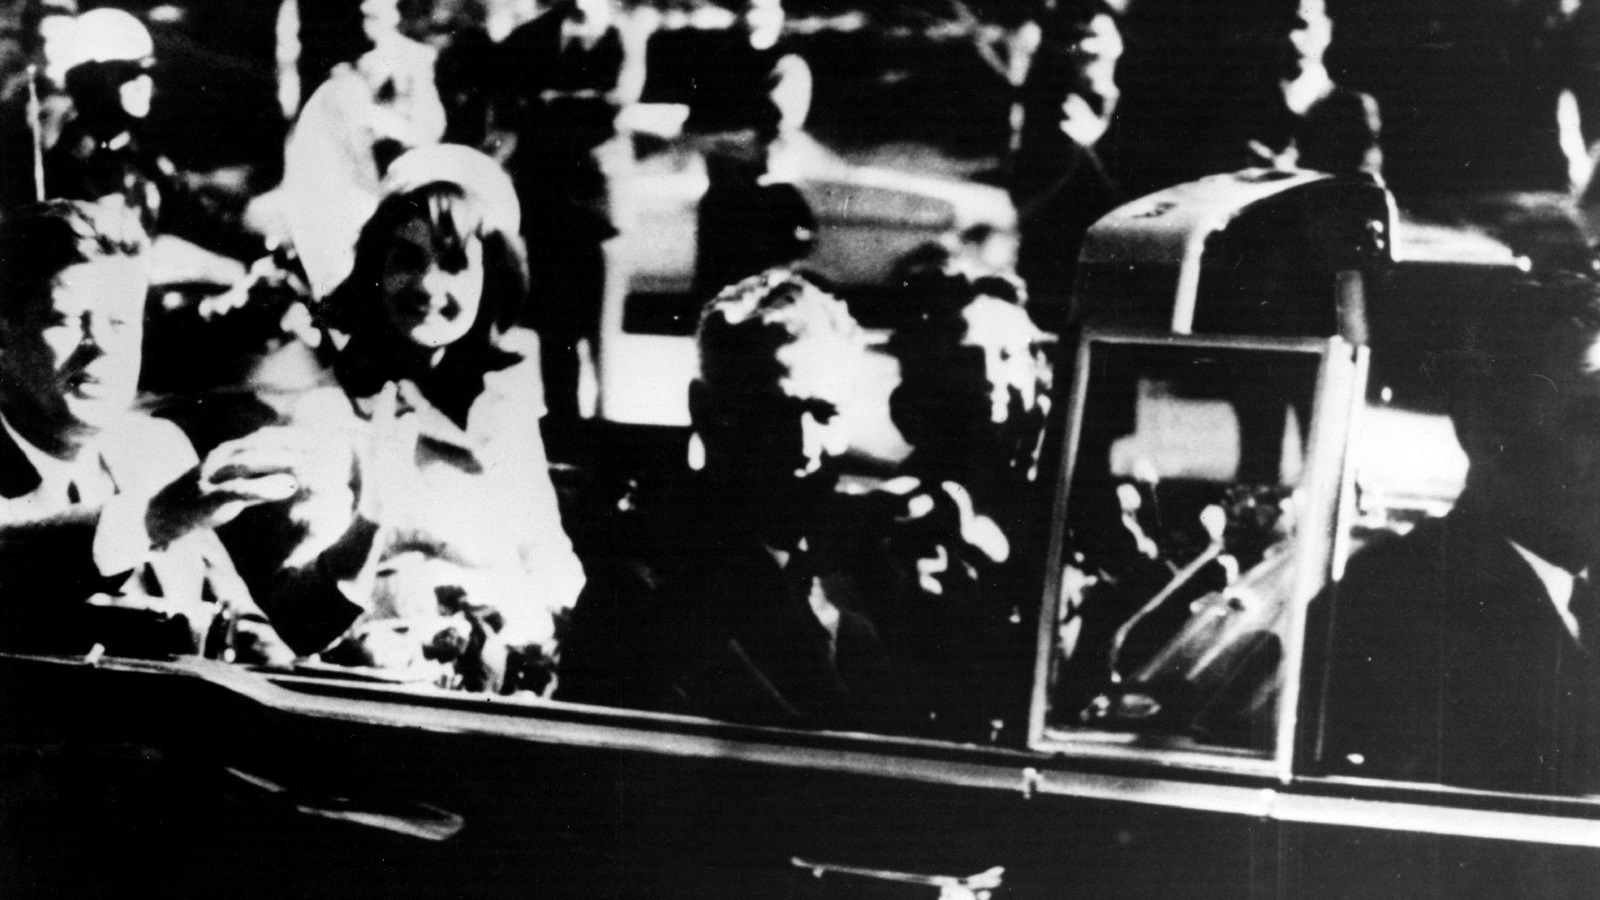 Джон Ф. Кенеди<br /> <br /> Атентатът от 1963 г. остава едно от най-известните убийства на този век. Внезапната насилствена смърт на президента на САЩ беше толкова шокираща, че за мнозина изглеждаше невъзможно, че всичко може да се окаже дело на един самотен луд.<br /> <br /> Но според пет отделни доклада за убийството Лий Харви Осуалд действително е действал сам. Поради причини, които само Ослуалд знае, той се качва на шестия етаж на сграда край пътя, по който минава кортежа на държавния глава, и открва огън по президента. Проехтяват три изстрела, като третият е фаталният.